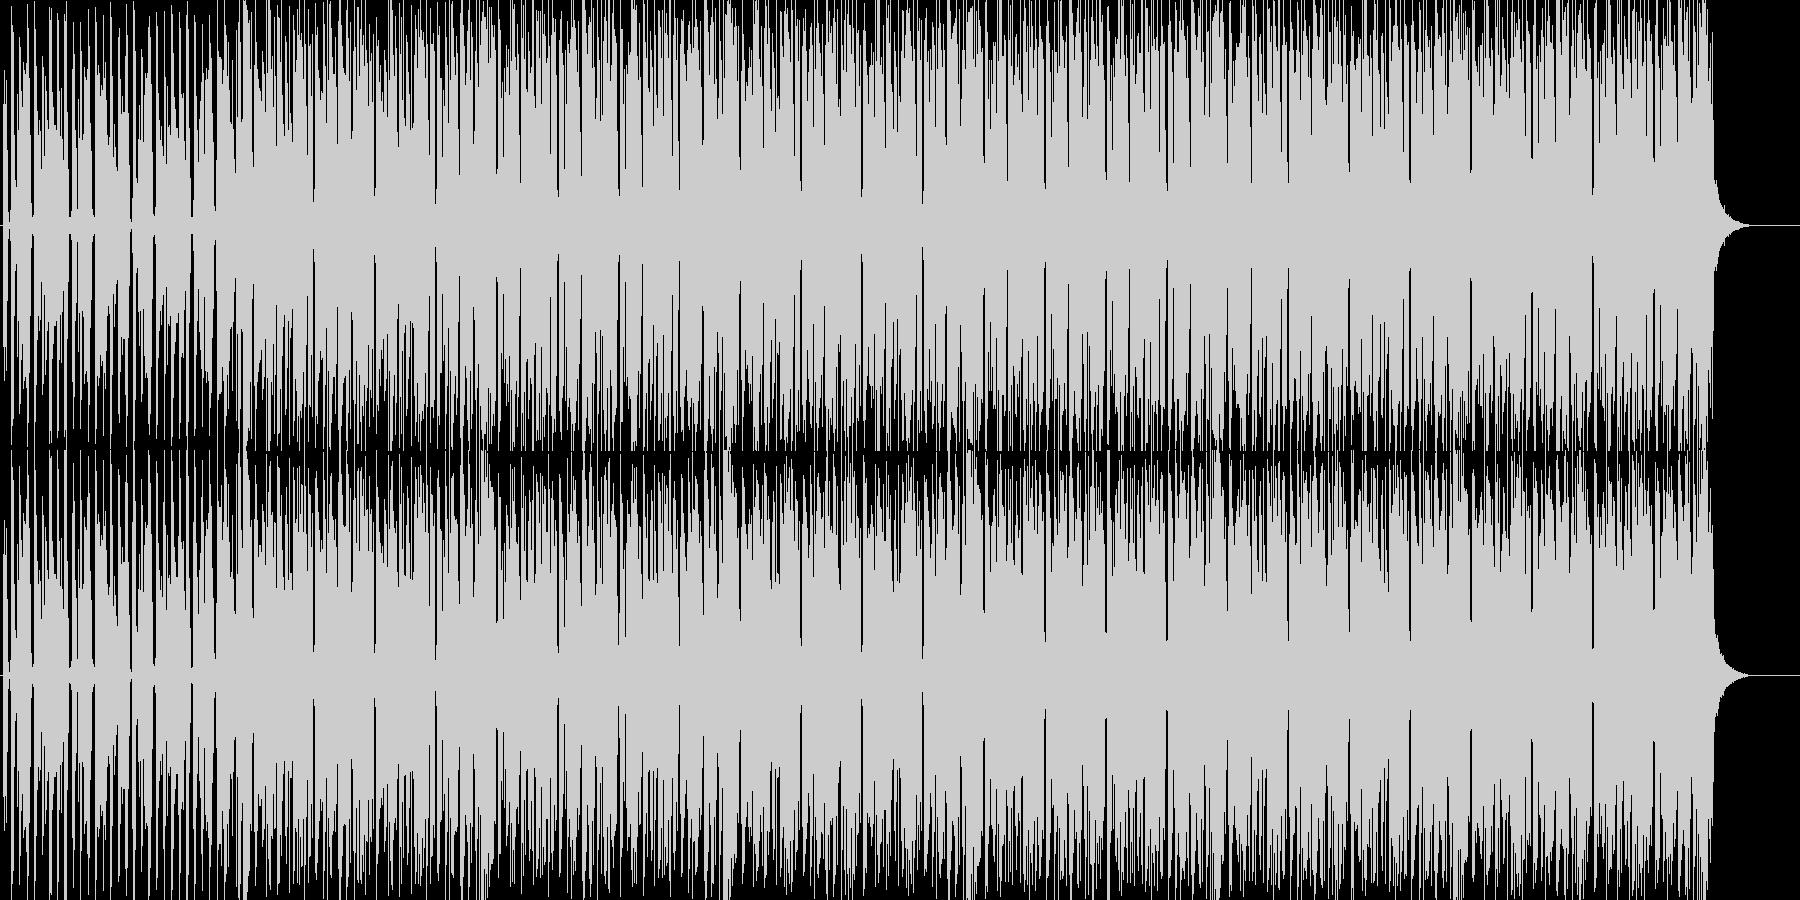 ワクワクするテクノの未再生の波形